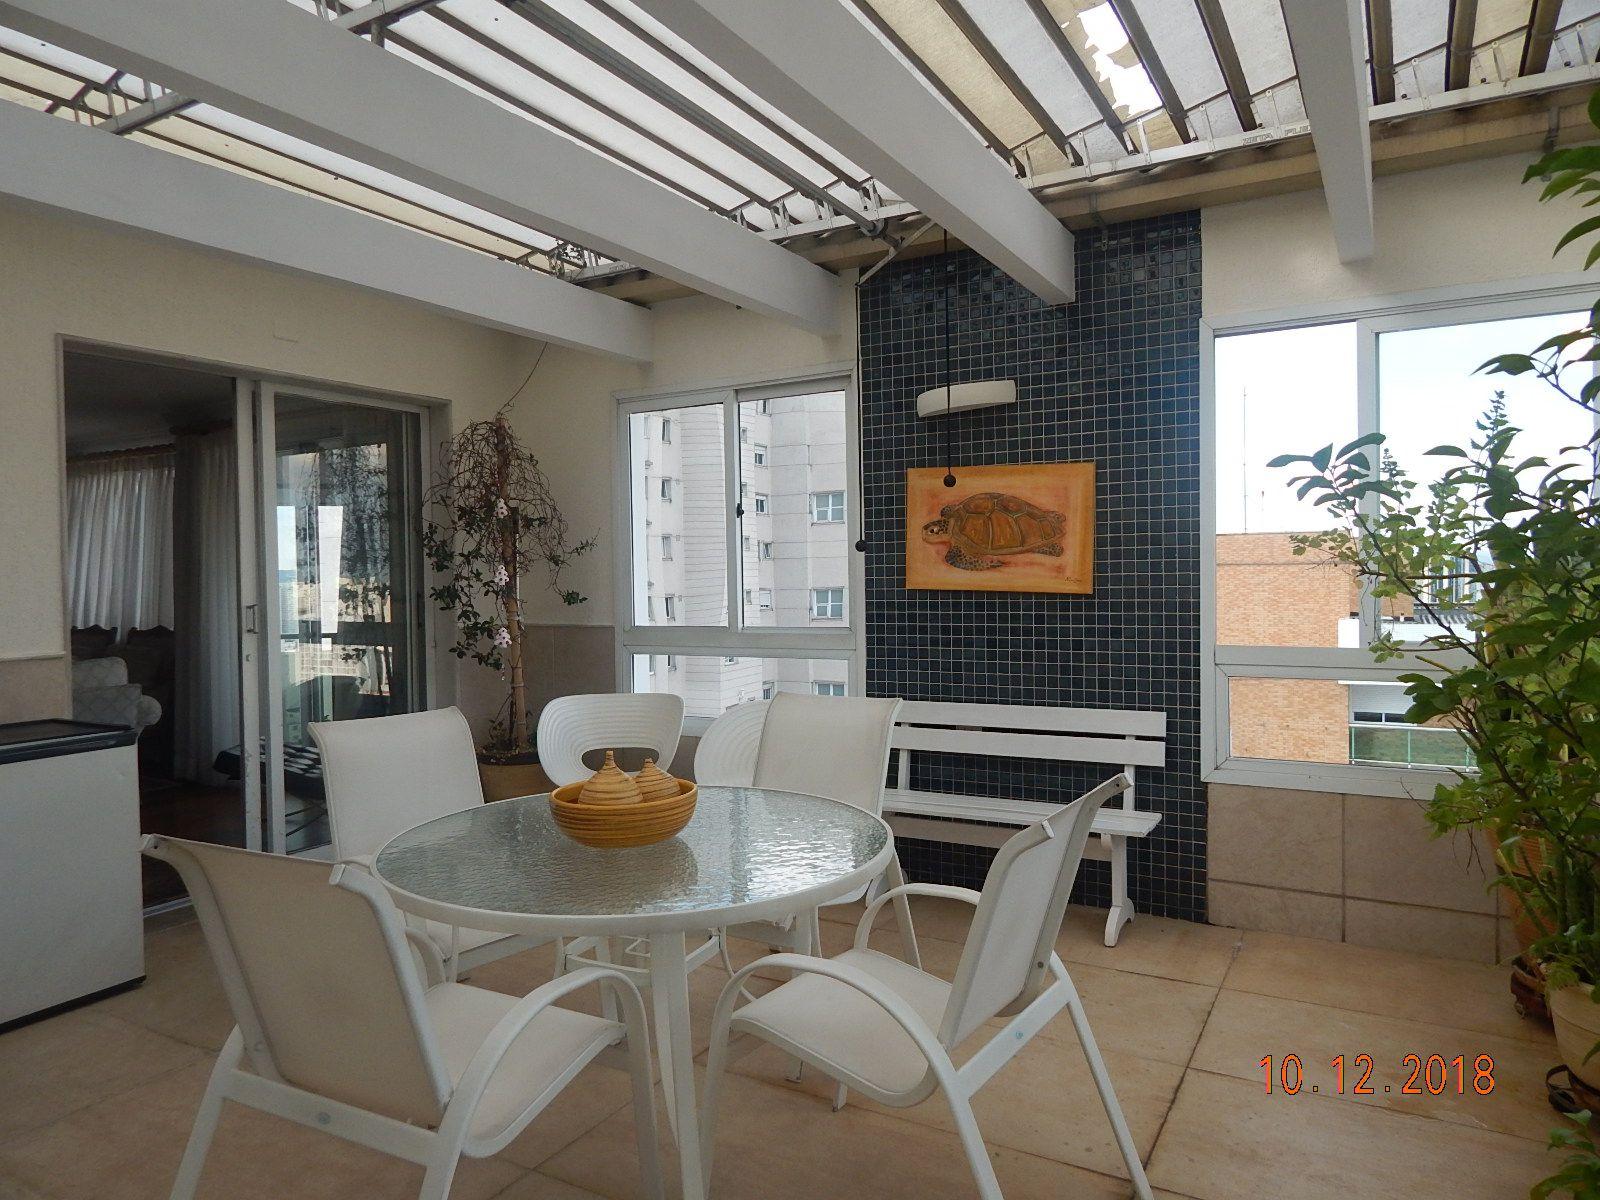 Cobertura Para Venda ou Aluguel - Perdizes - São Paulo - SP - COBE0012 - 34